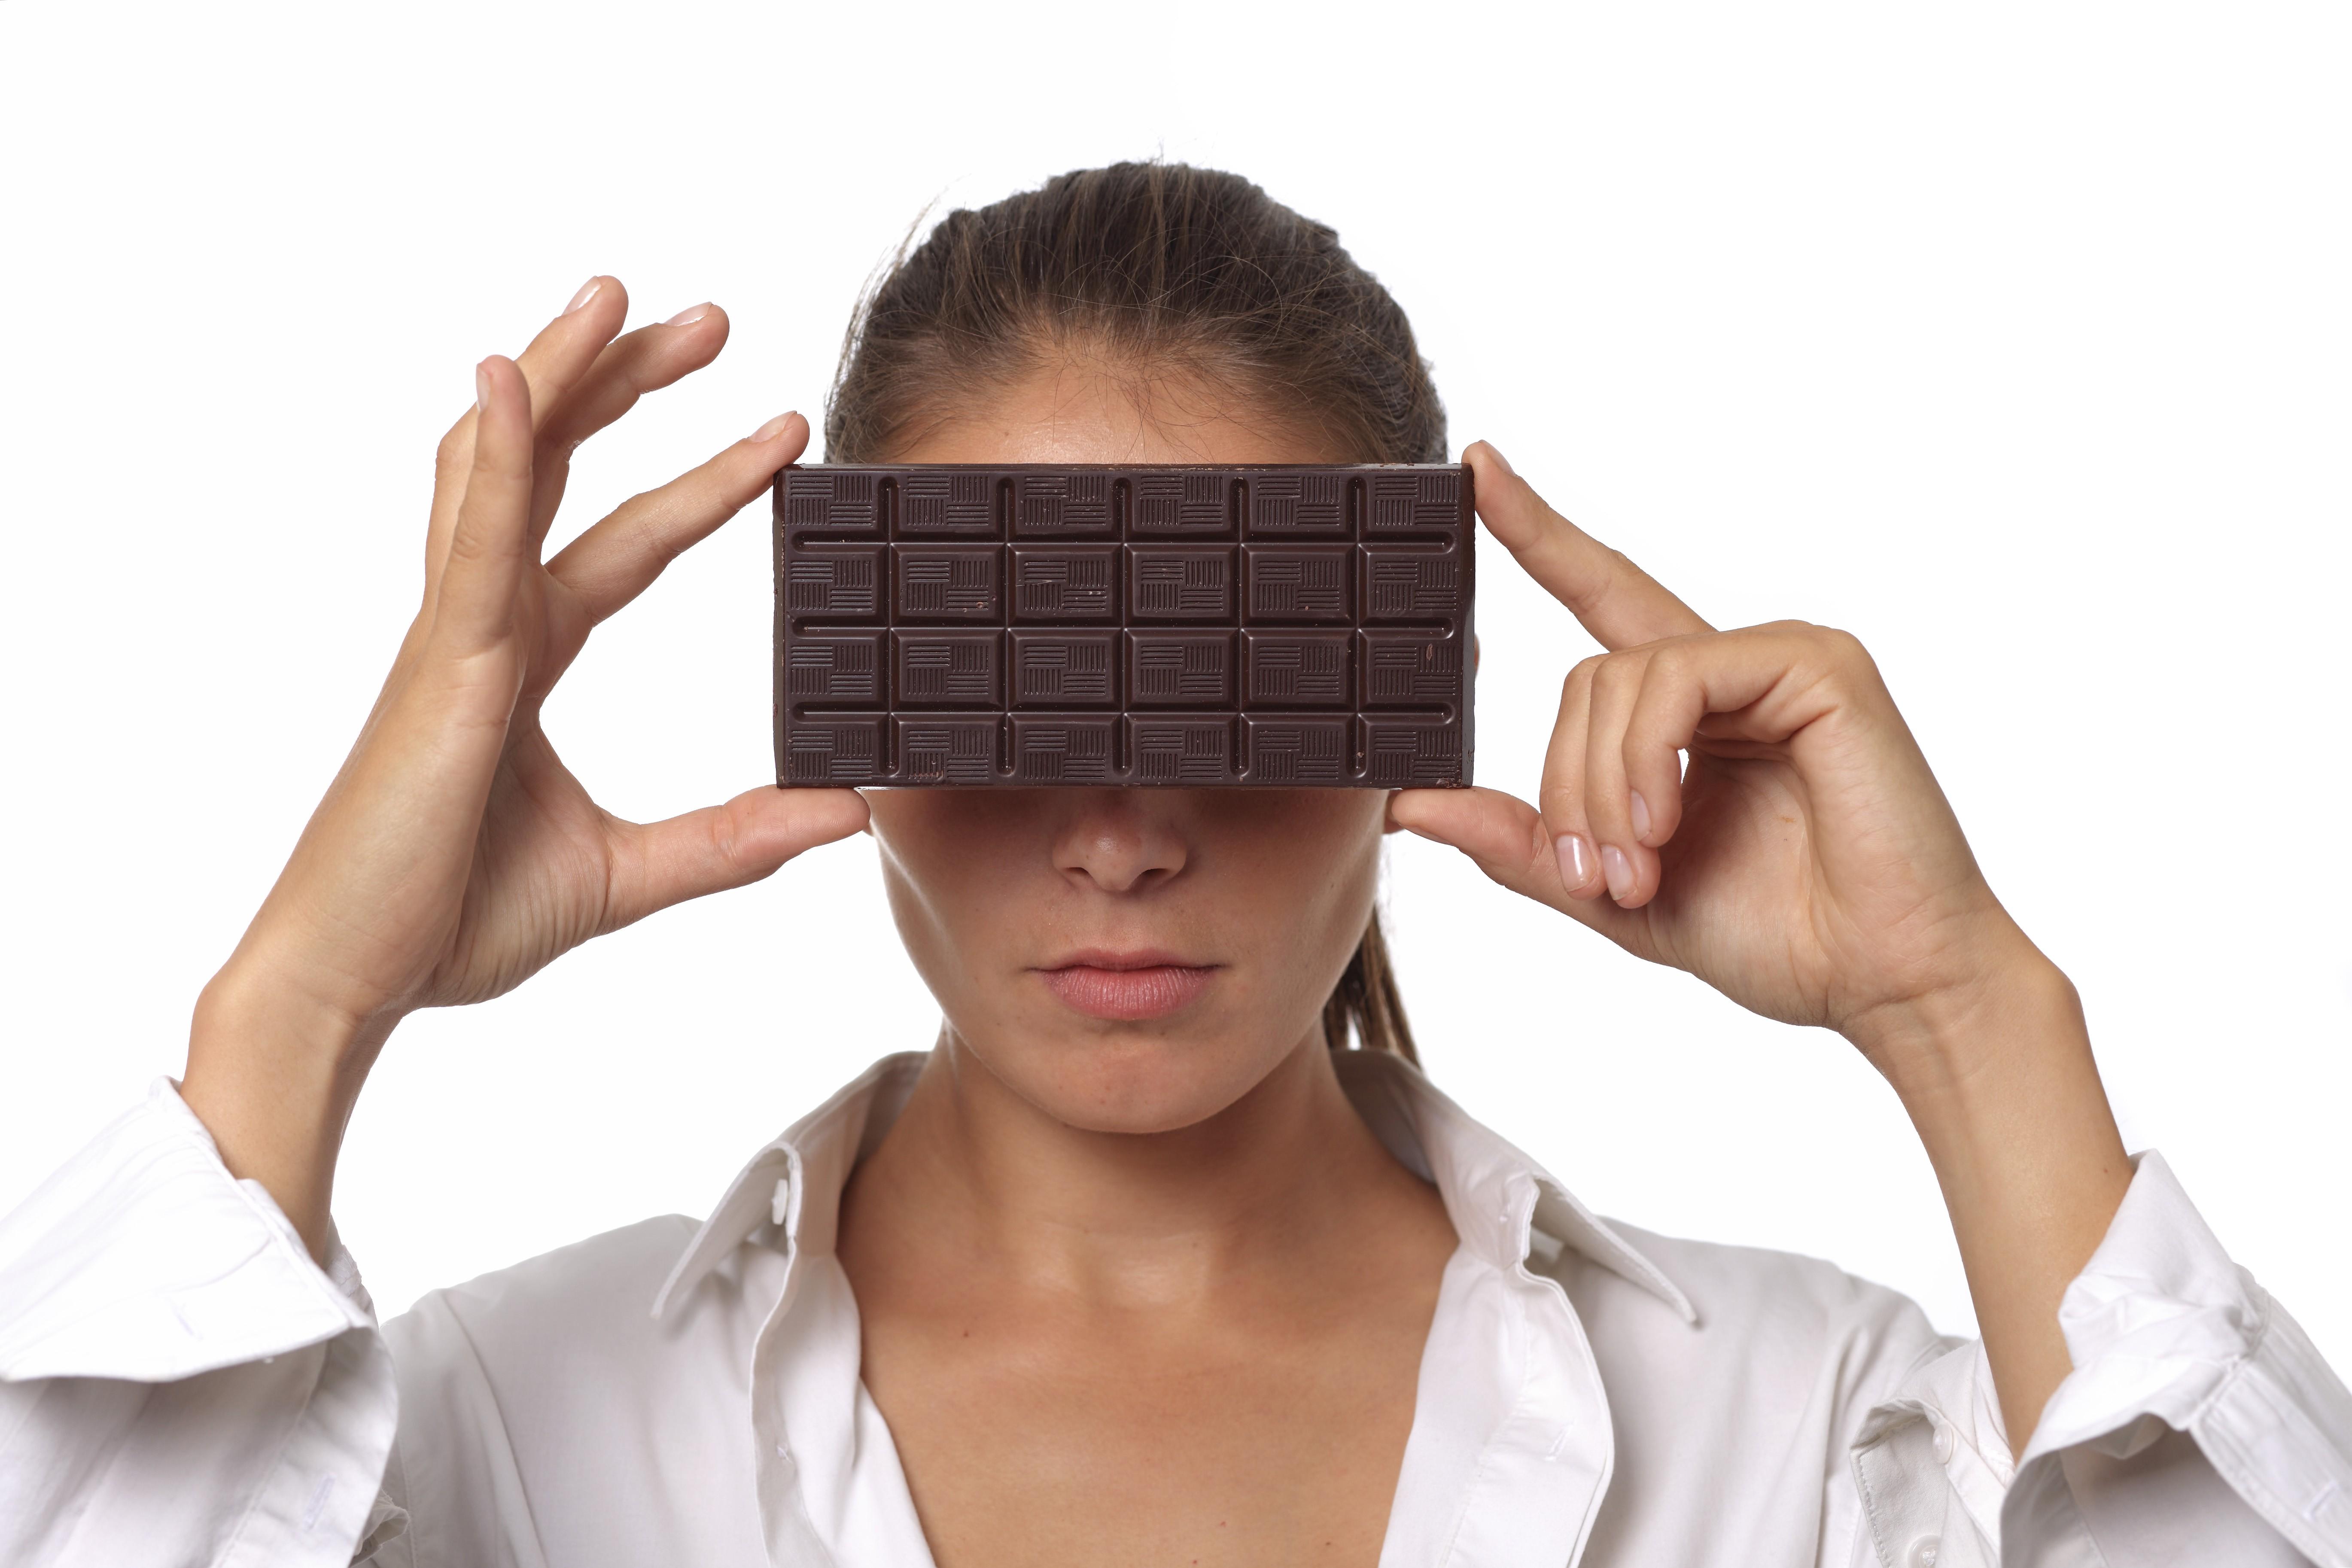 hogyan lehet megállítani a látásvesztést)